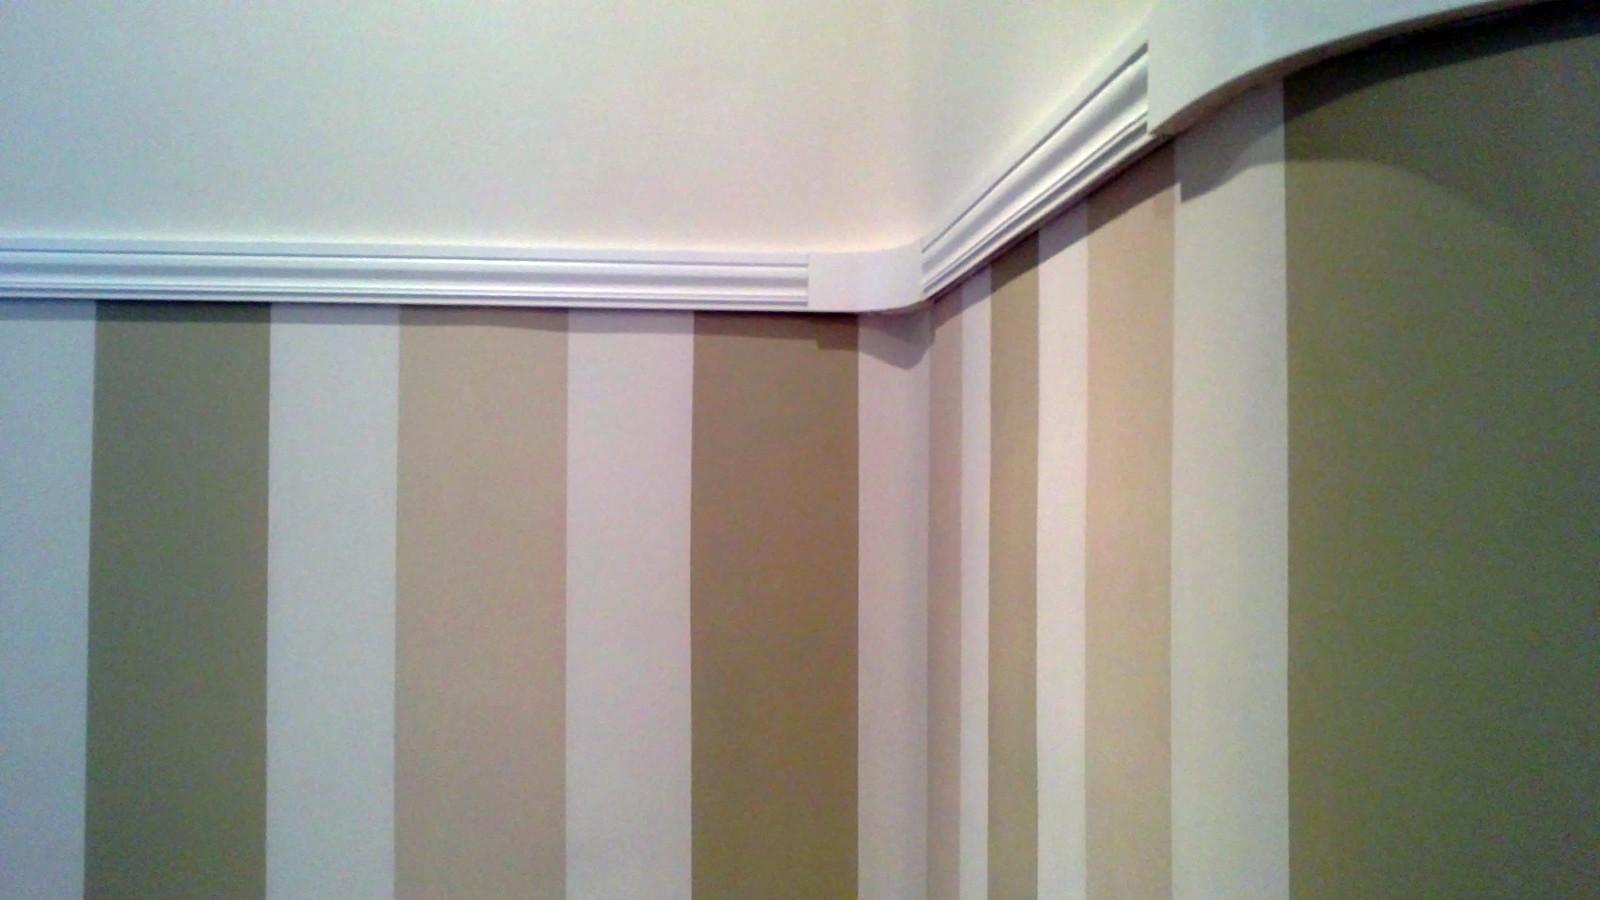 Foto friso tricolor contaste con pintura lisa en parte - Friso para pared ...